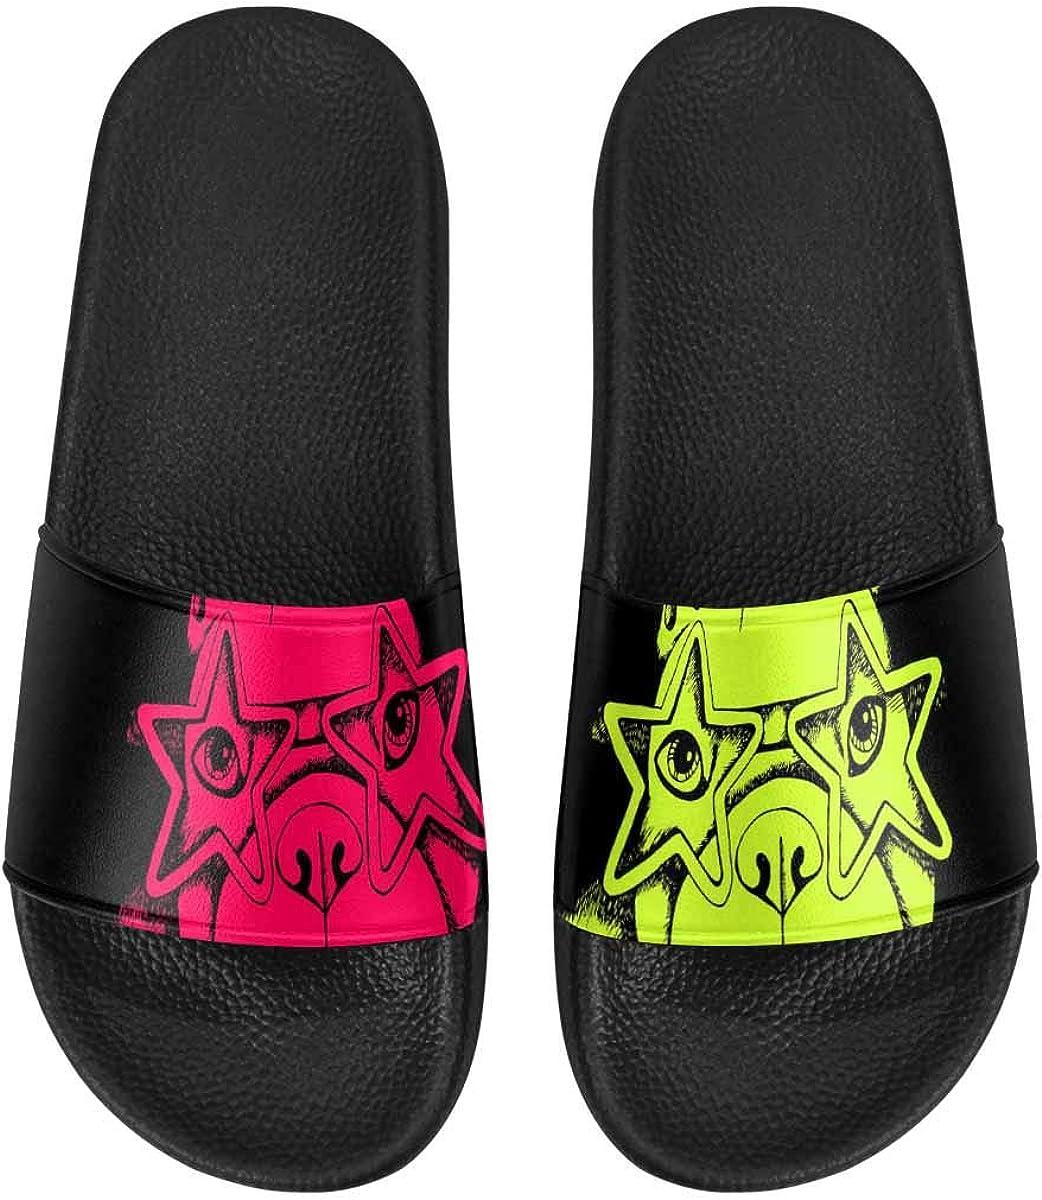 InterestPrint Women's Lightweight Slipper Sandals for Shower Colorful Bouquet Flowers